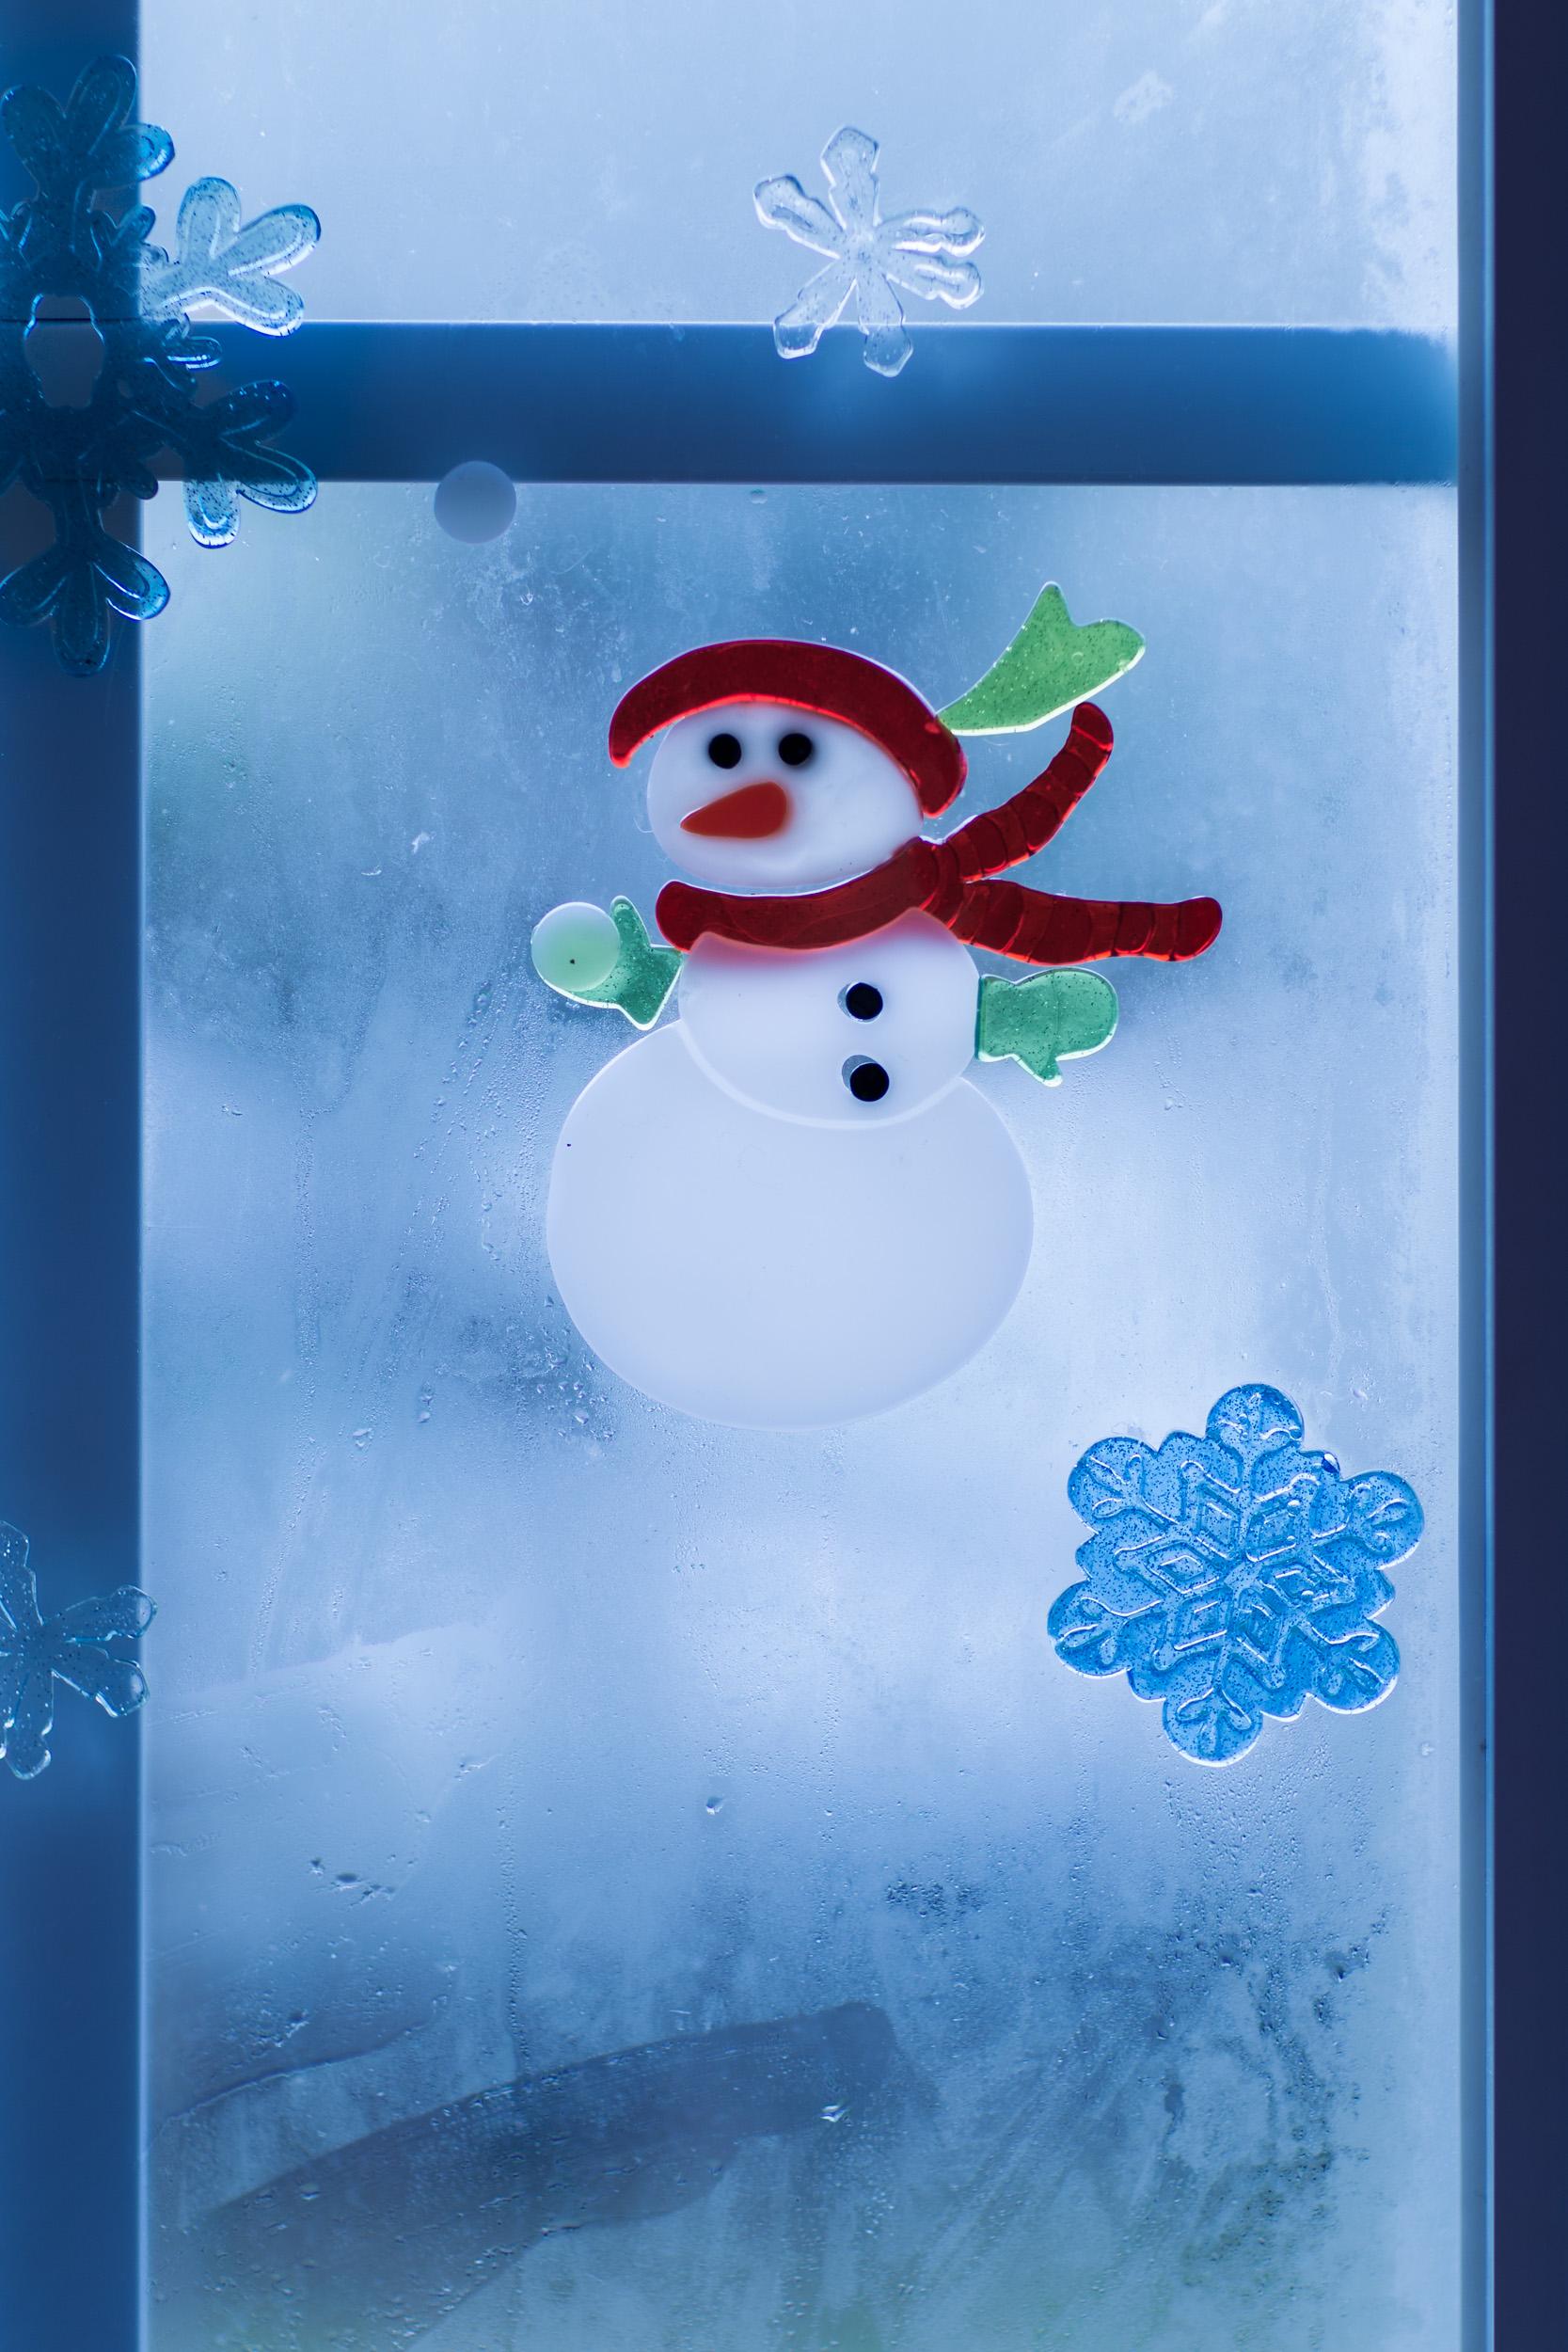 Snowman on the window